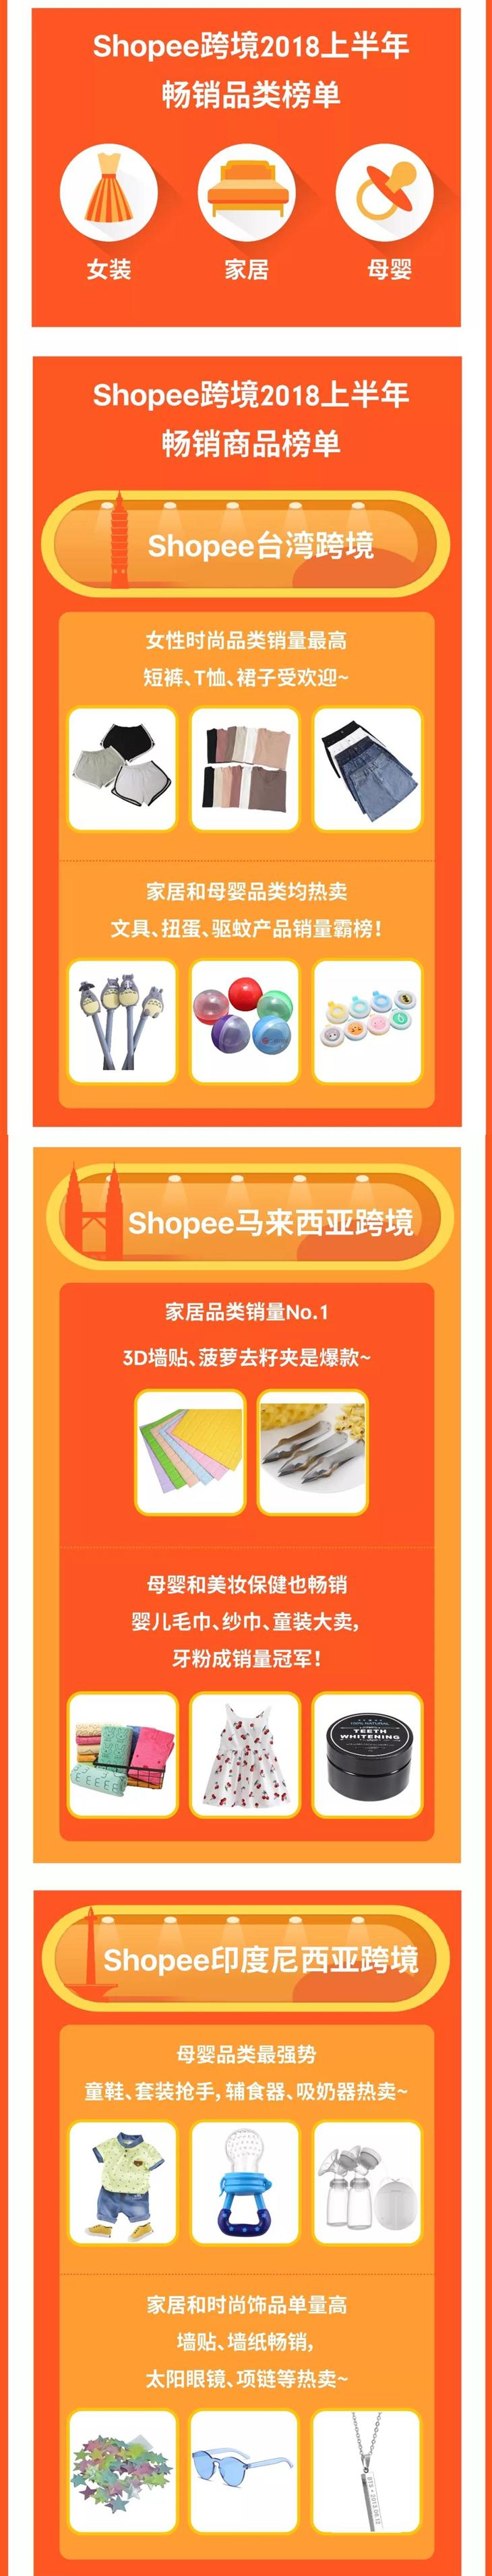 Shopee台湾、马来西亚、印尼畅销产品榜单出炉!